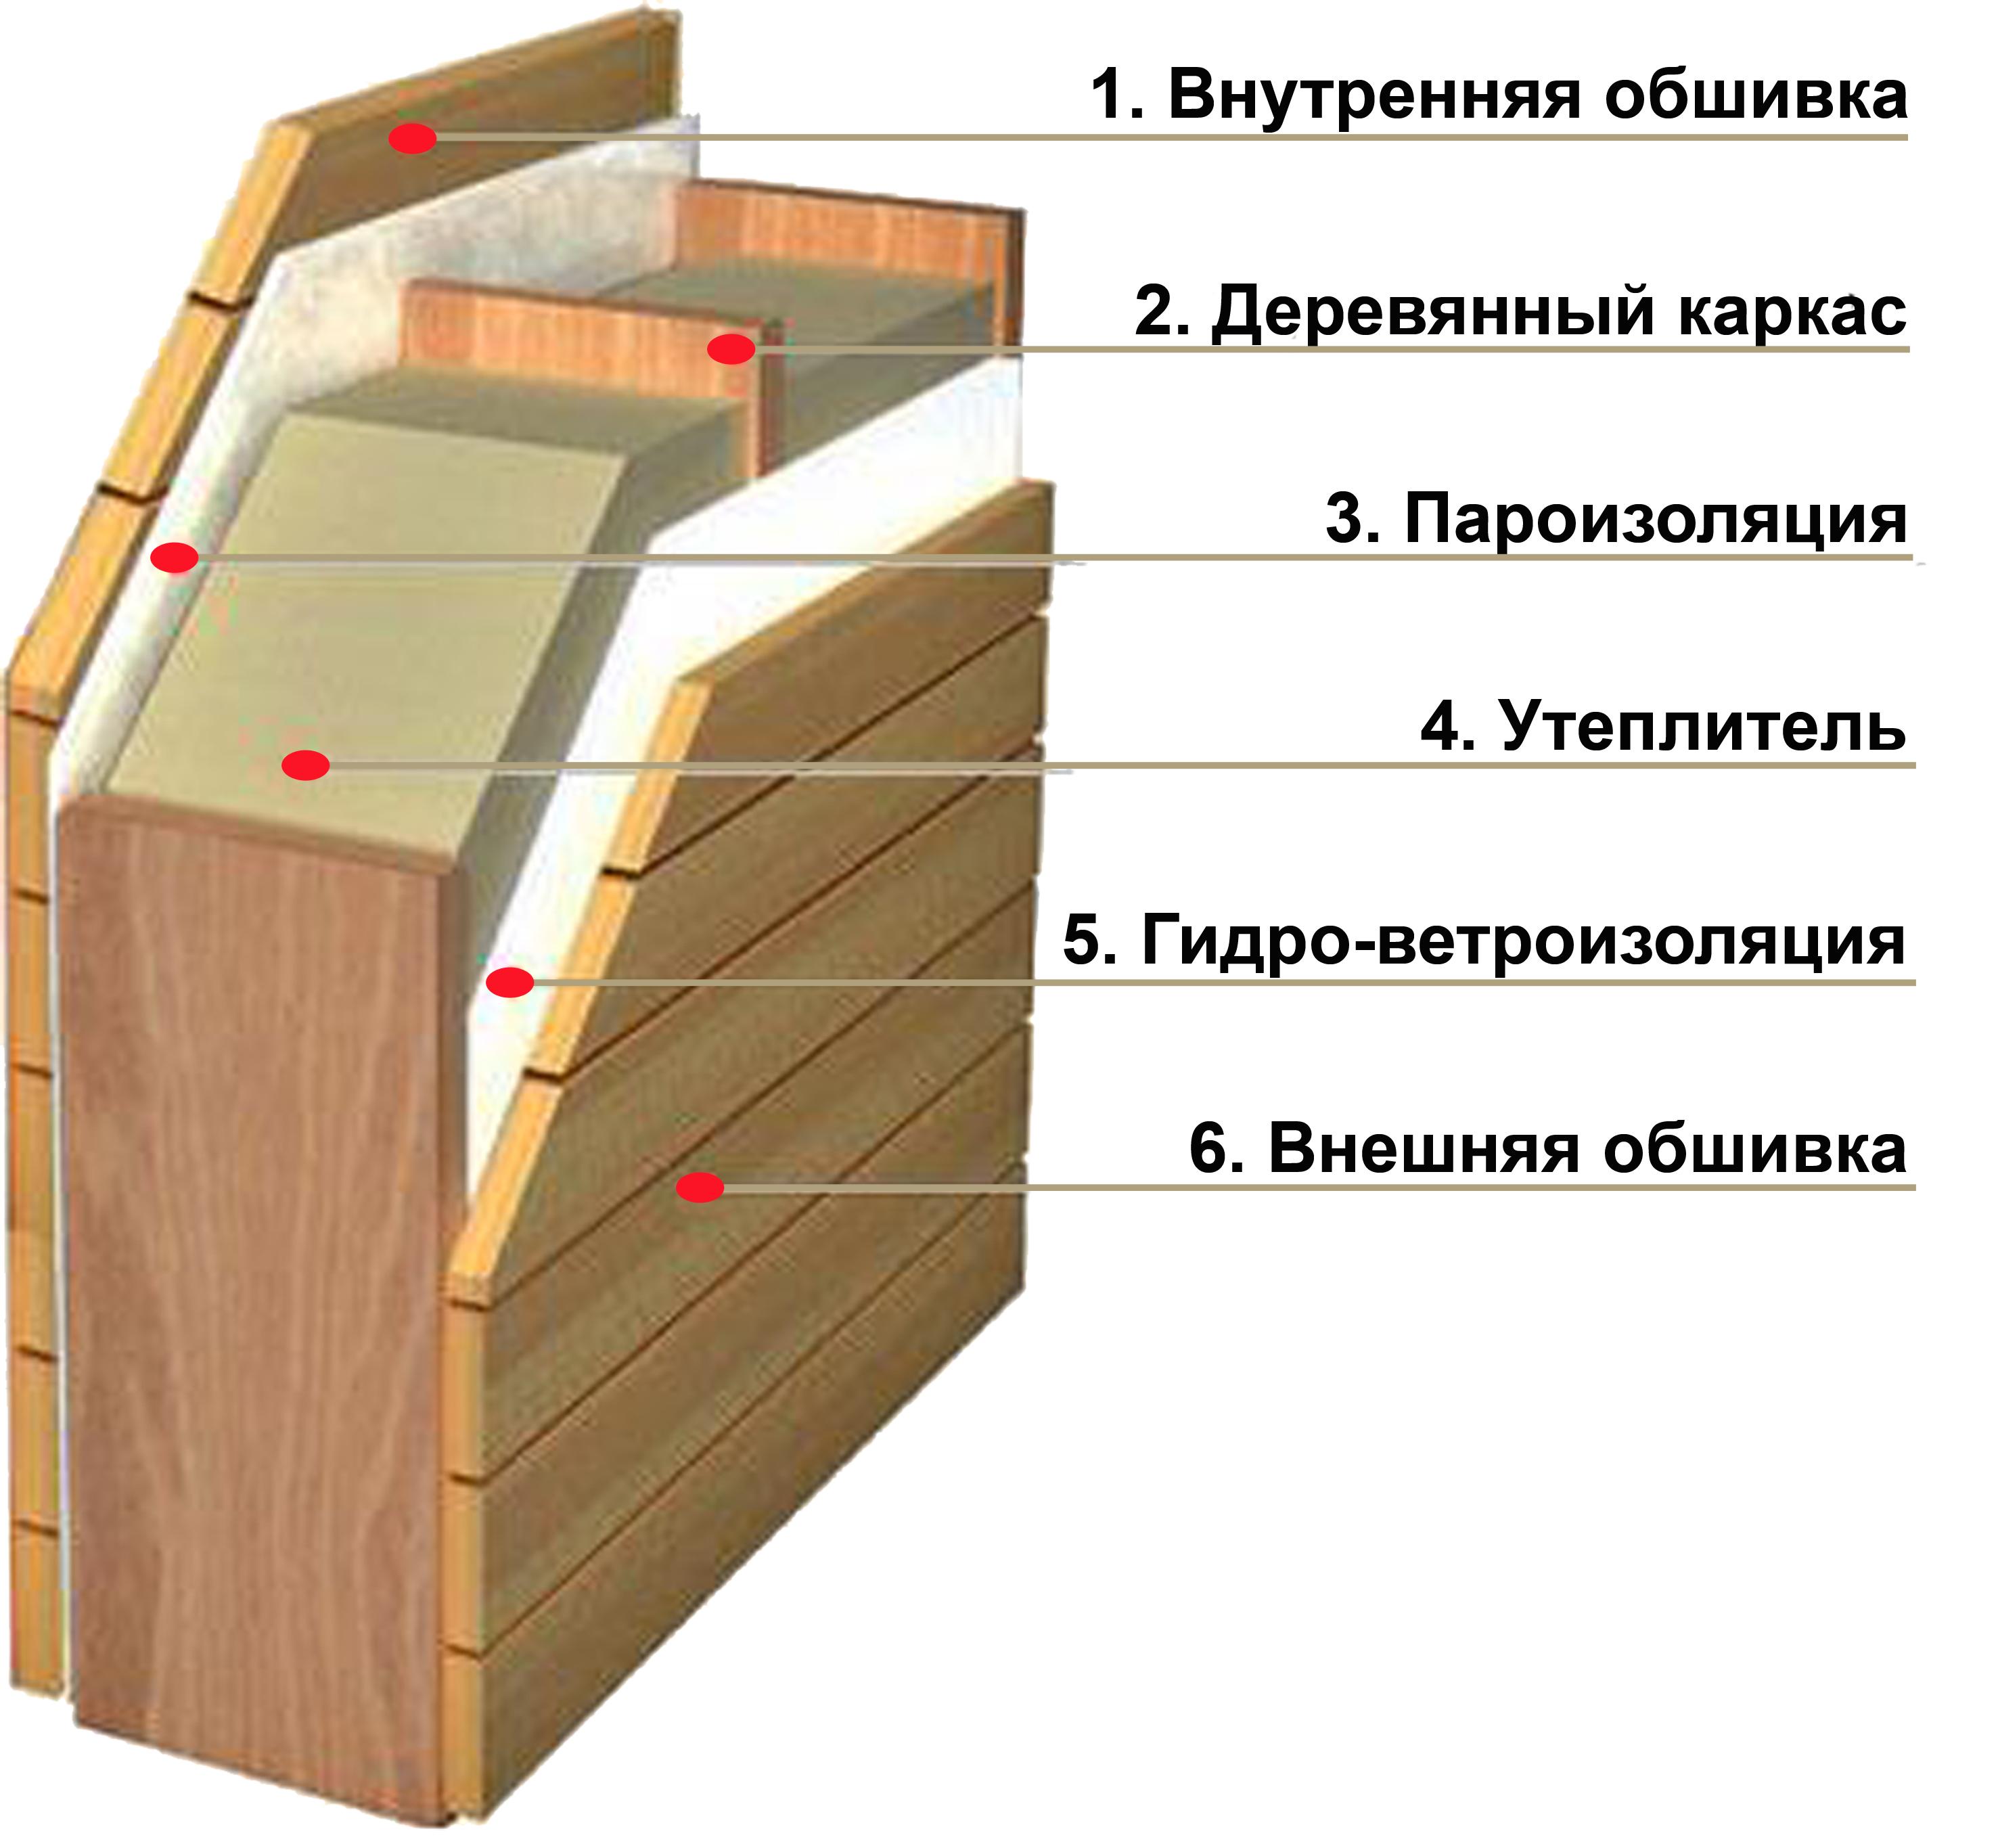 Стены каркасного дома: устройство, толщина и отделка своими руками пошаговая инструкция